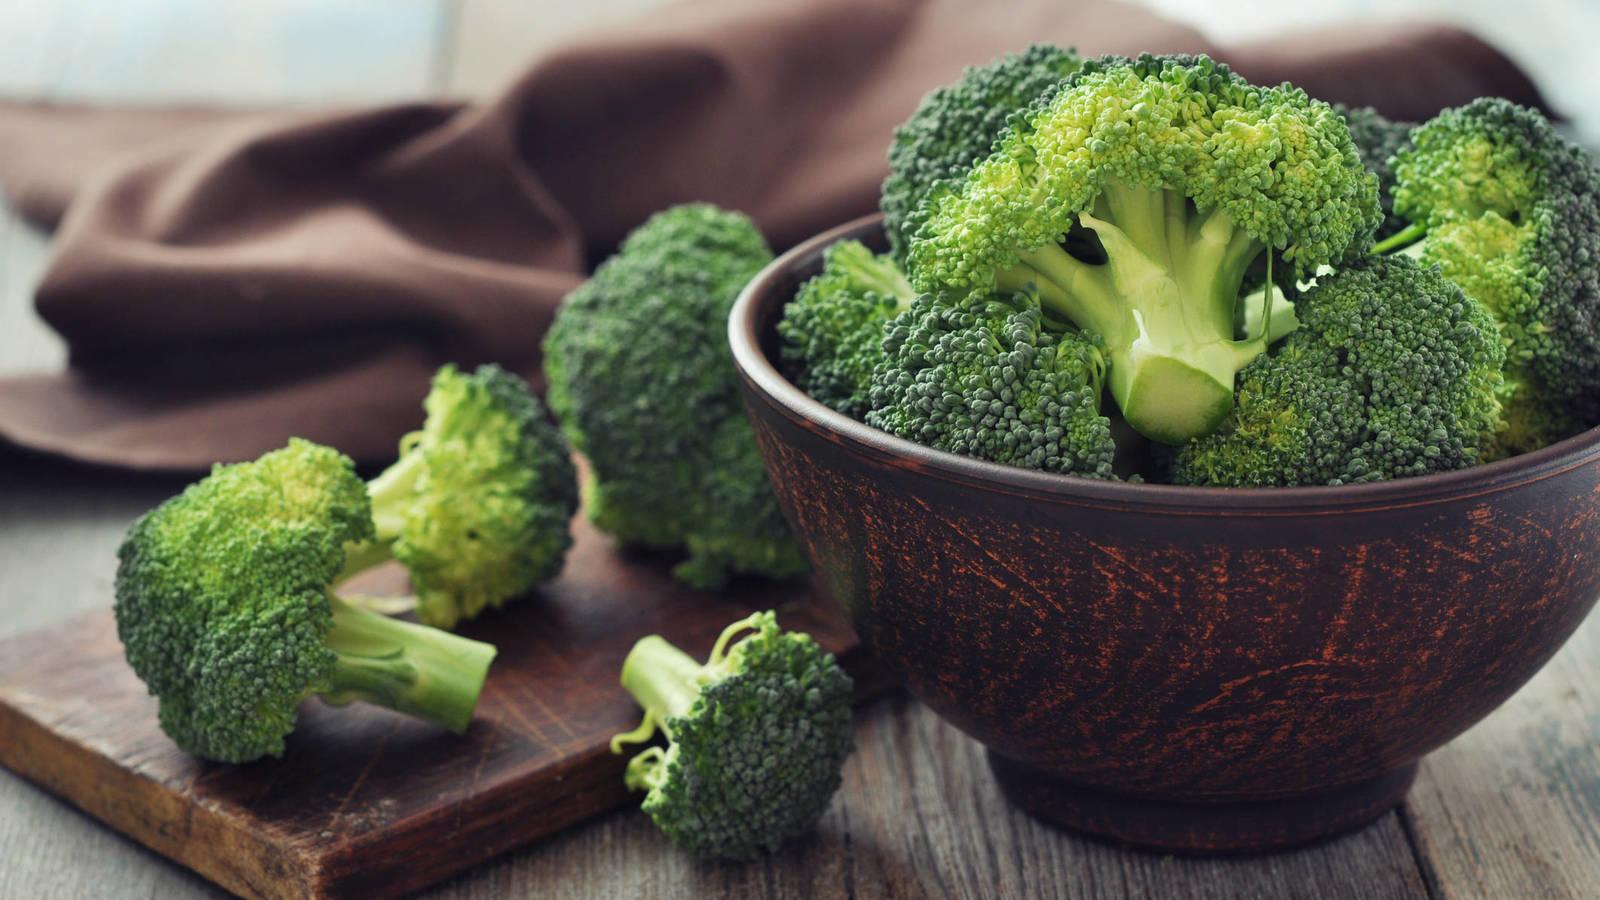 Cara memasak sayuran yang benar agar vitamin tidak hilang